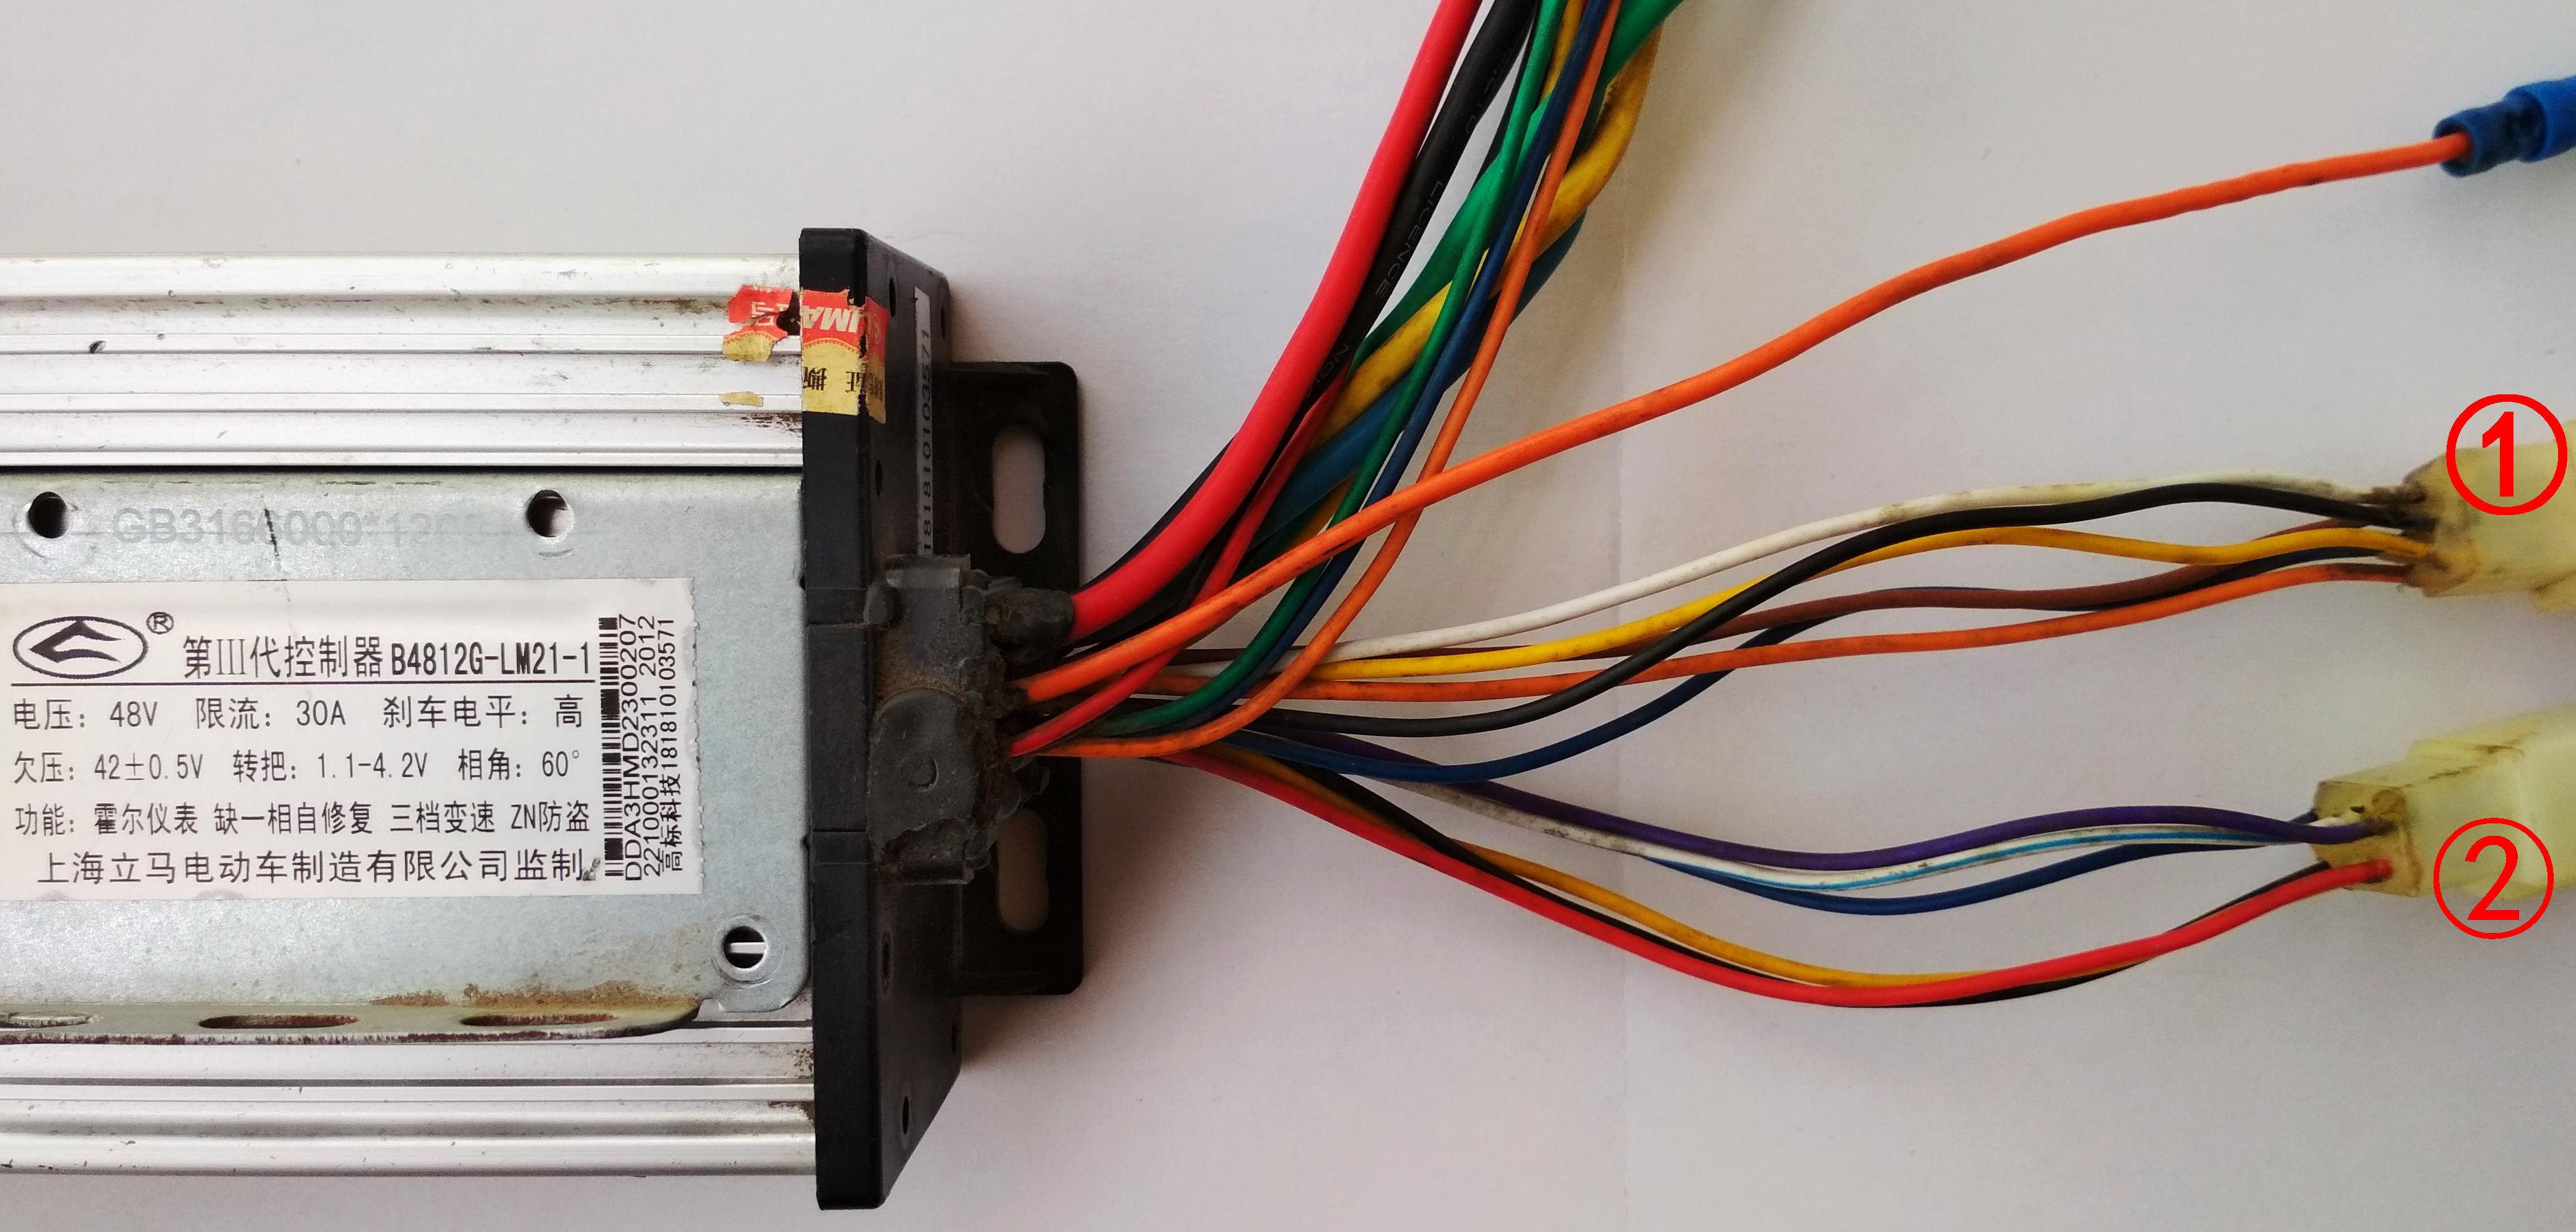 高标控制器(立马款)b4812g接线求助. 电动两轮摩托车